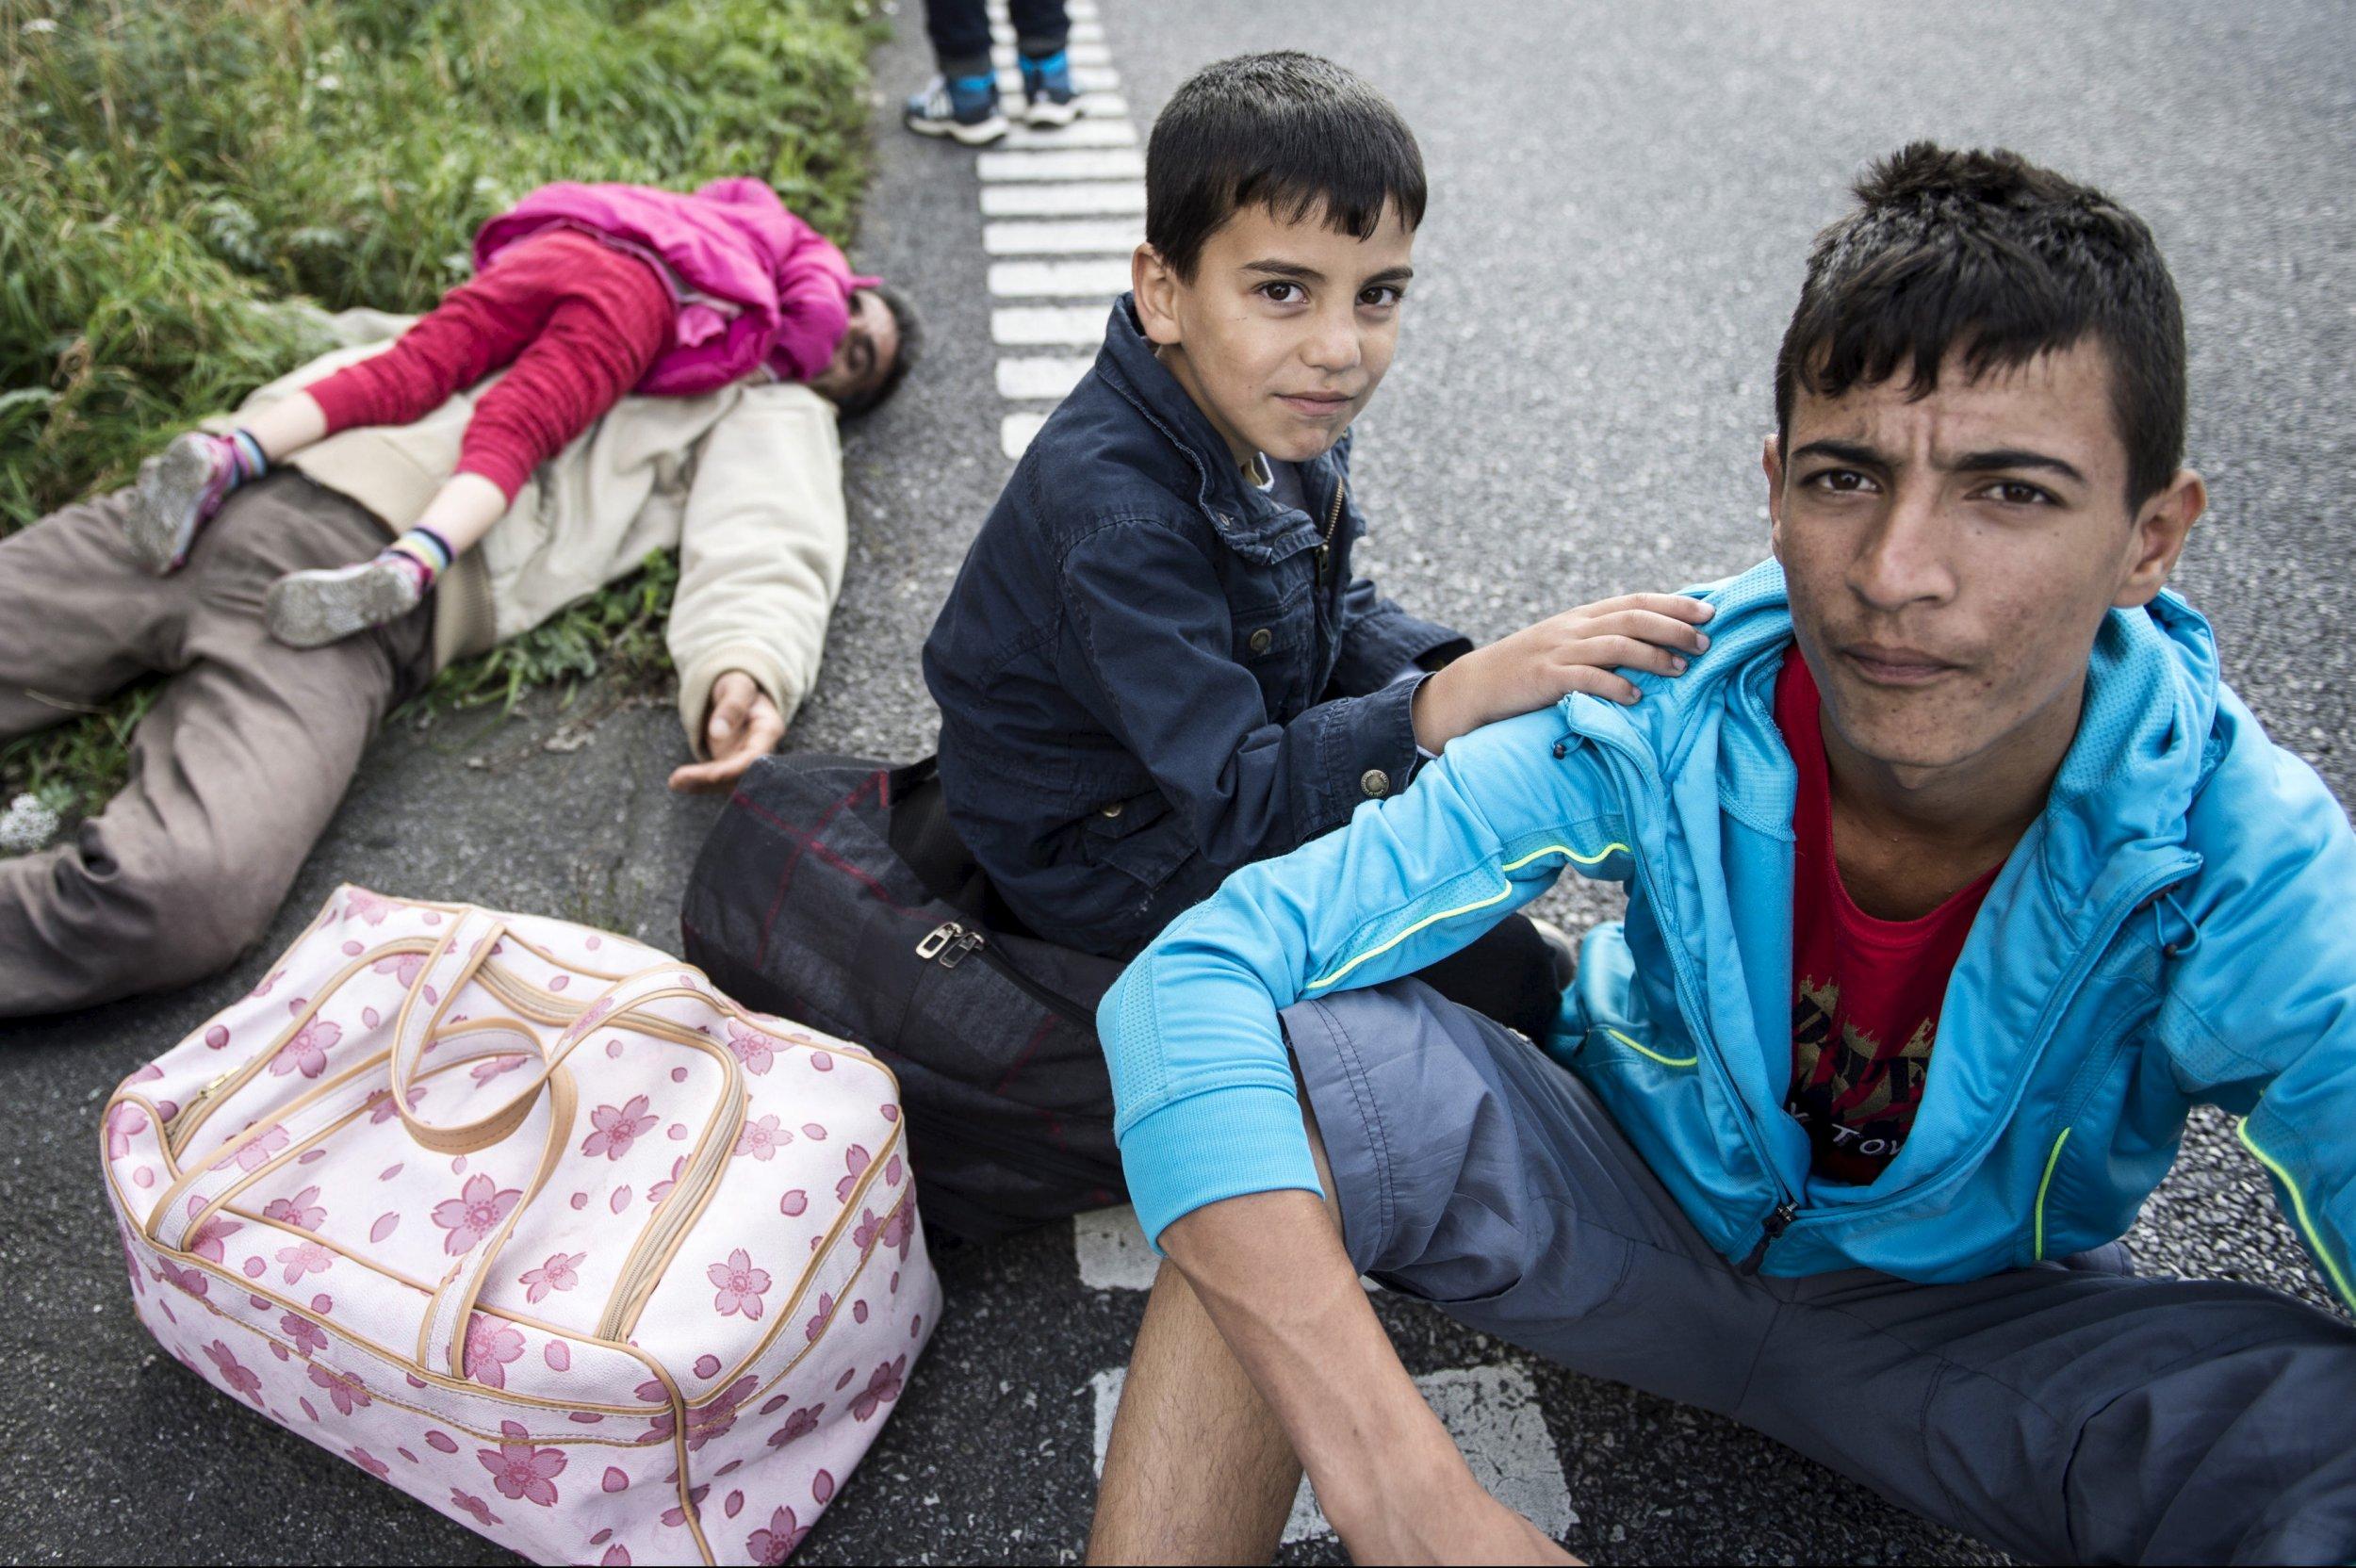 07092015_Denmark Refugees